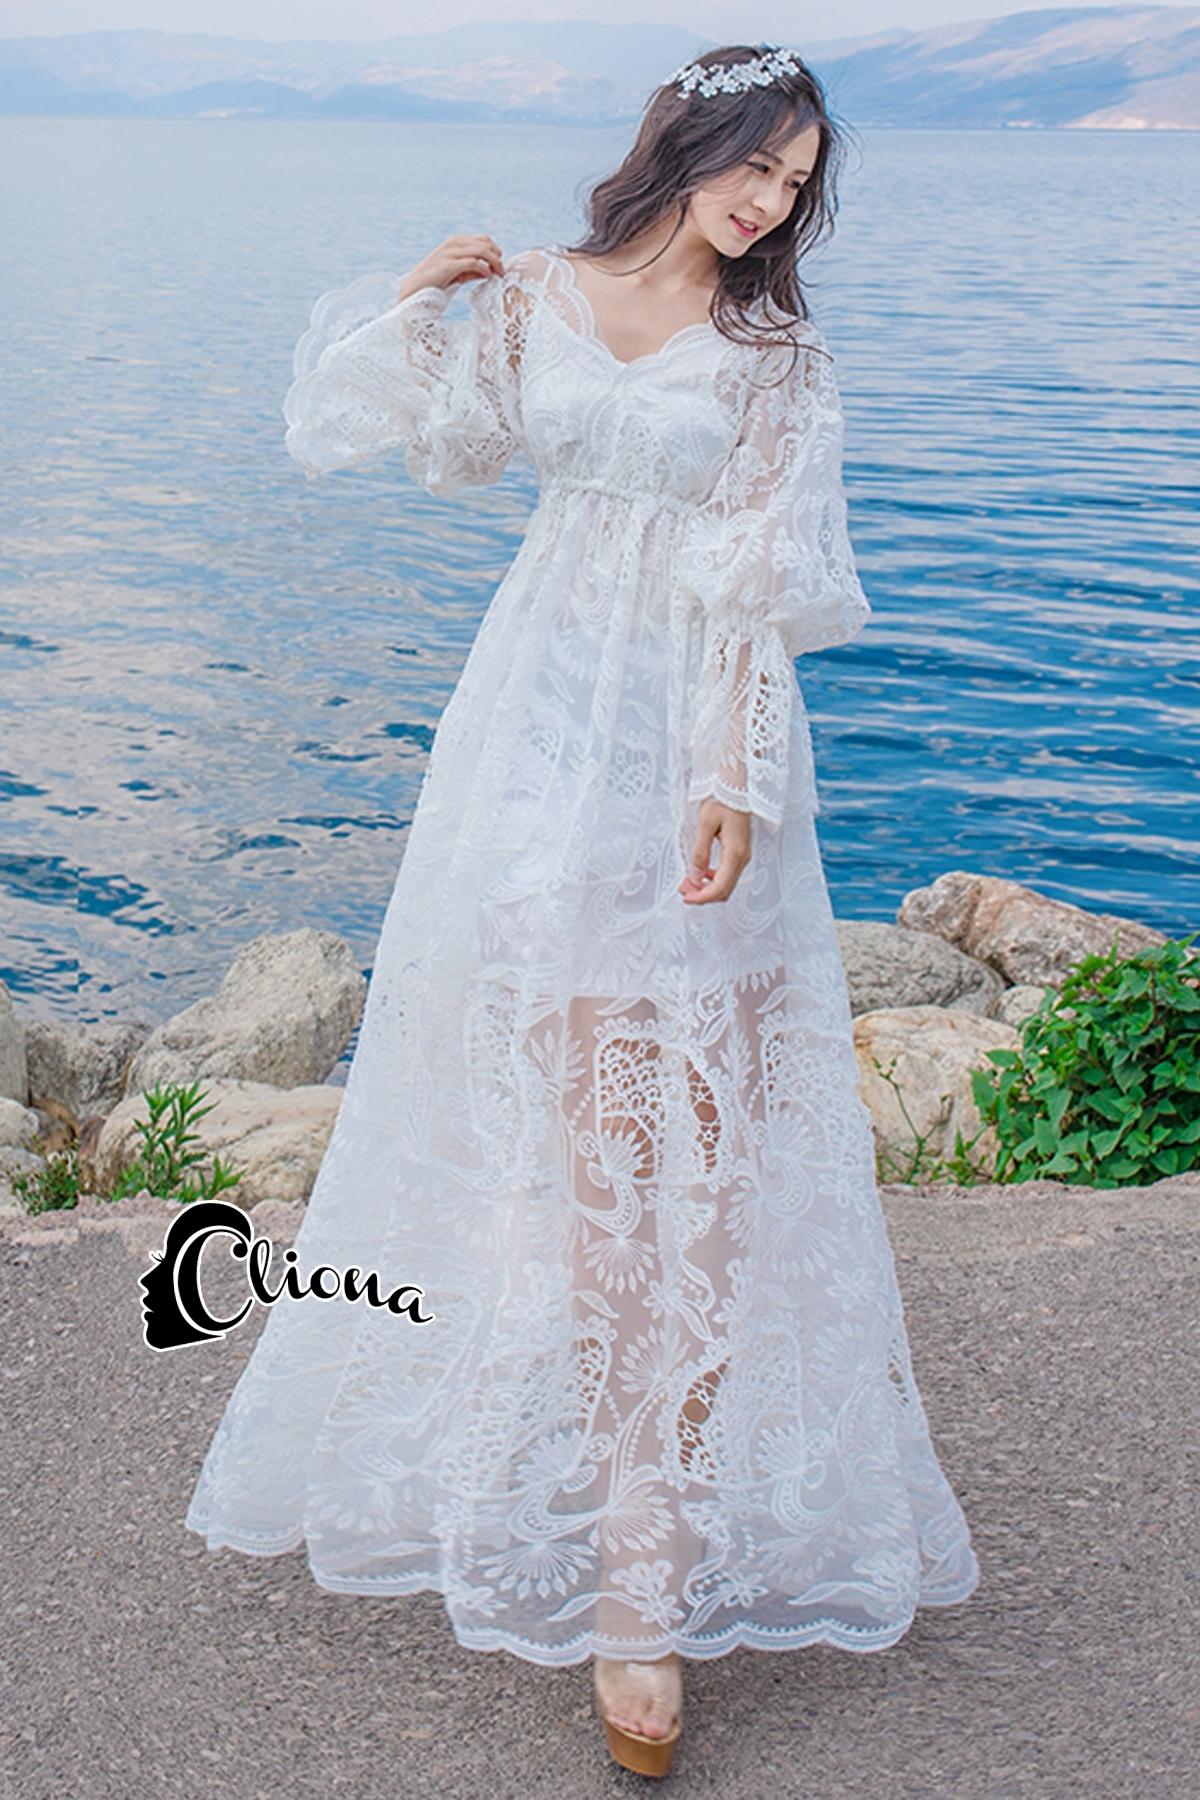 ชุเดรสเกาหลี พร้อมส่งBeach Angel Luxury White Lace Dress